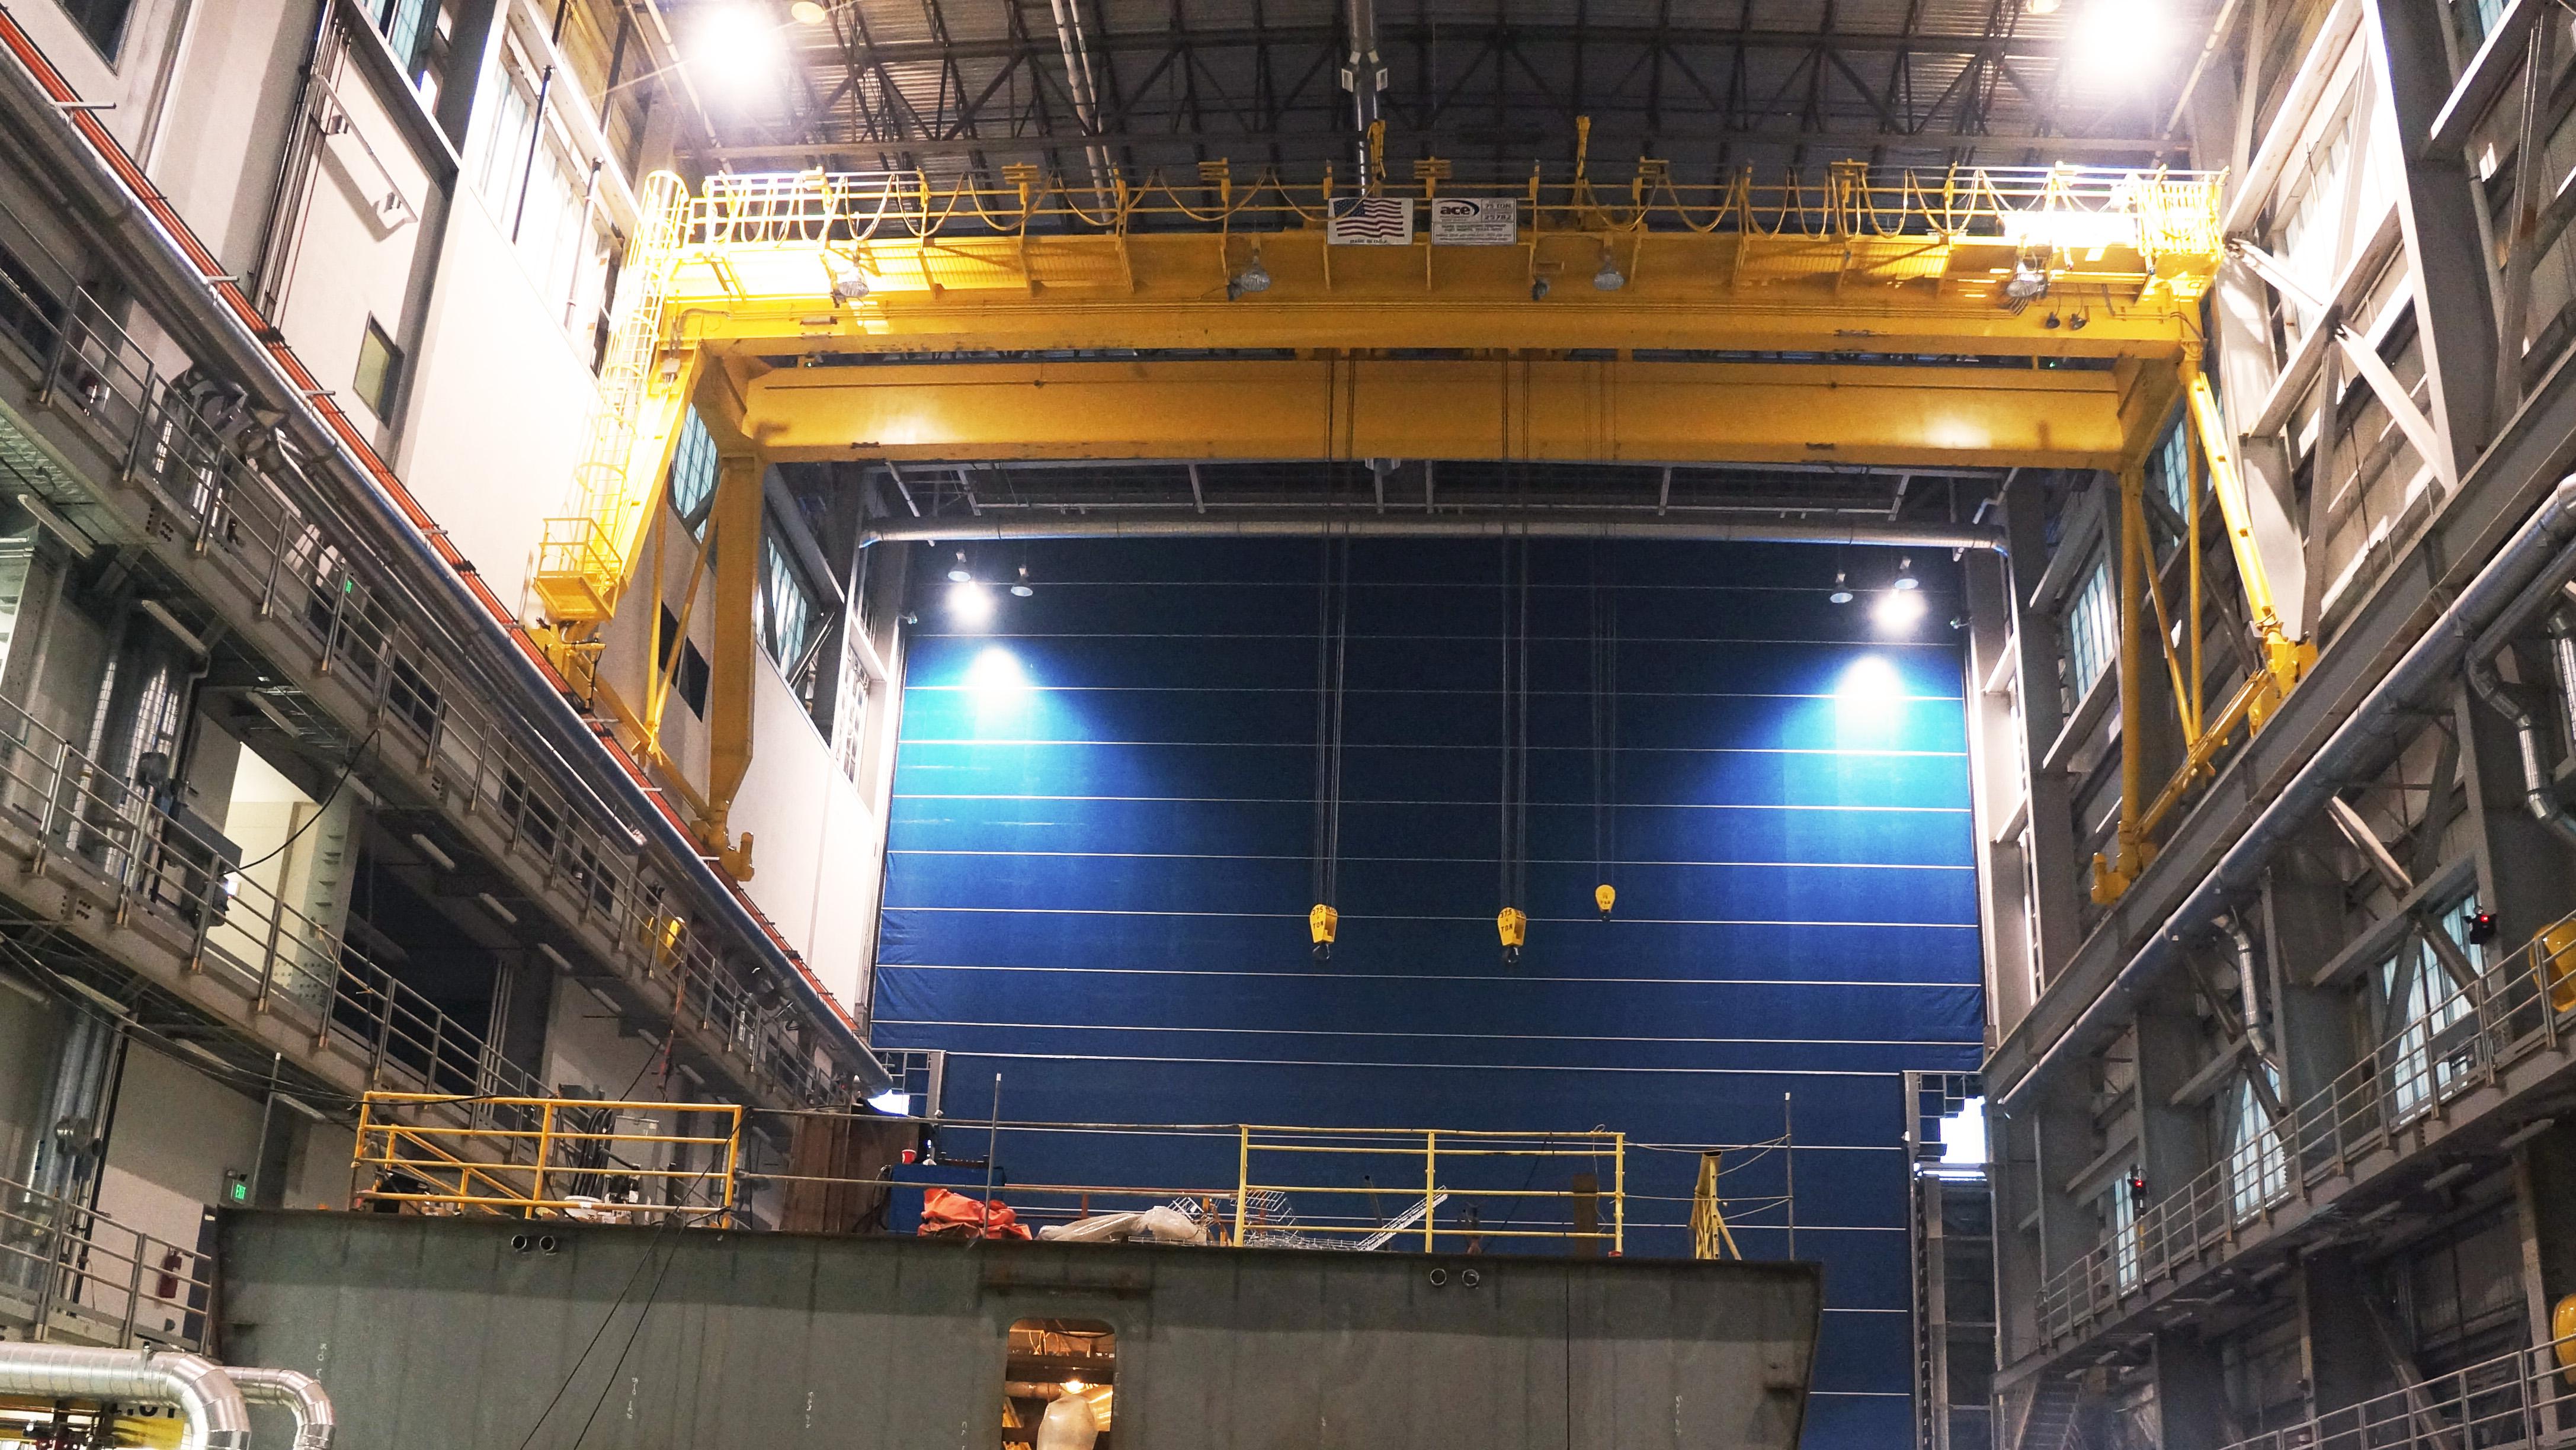 Crane in Shipbuilding facility copy